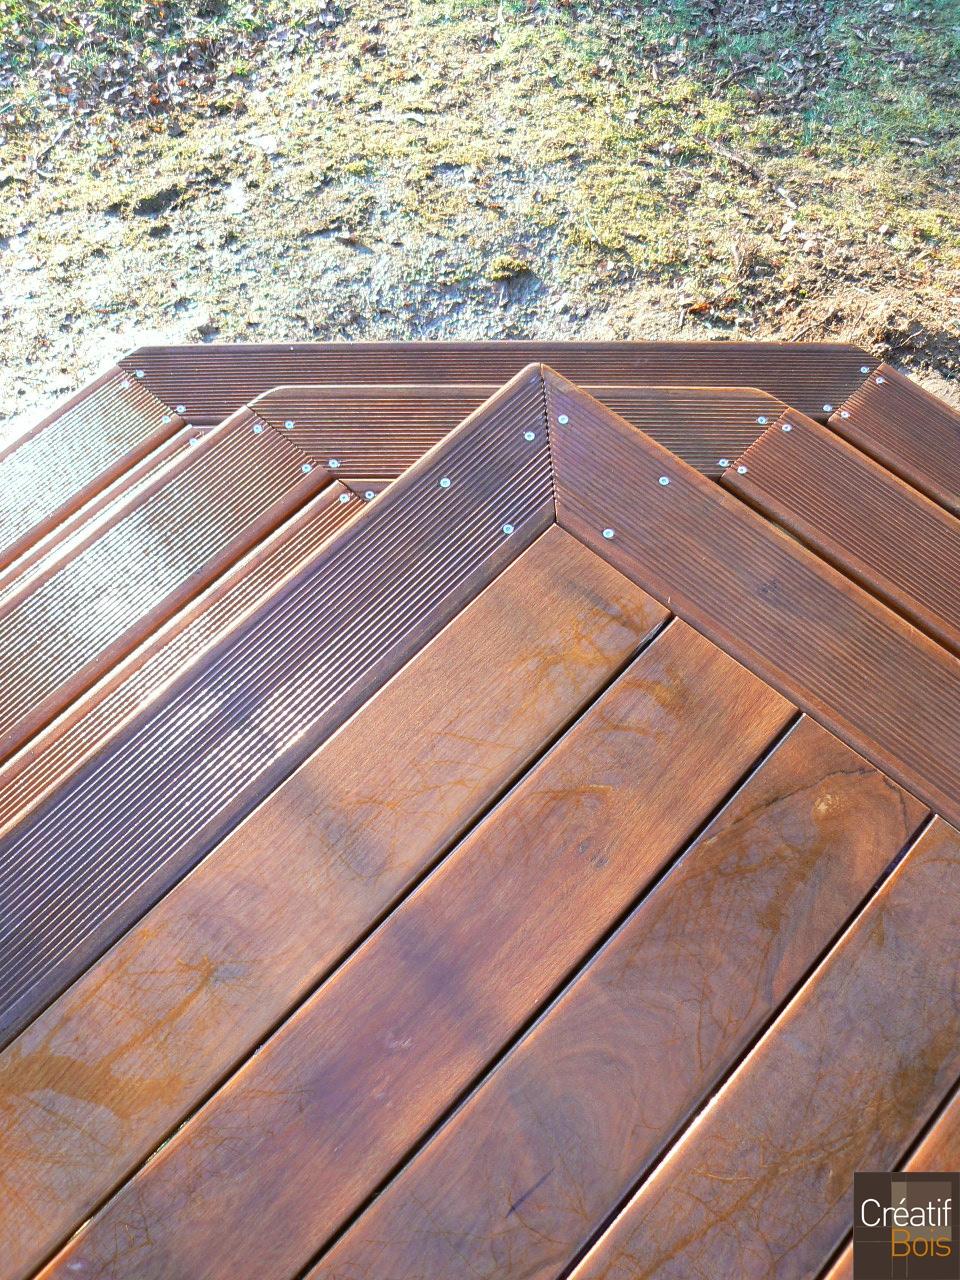 terrasse bois finition d 39 un escalier bois bugeat corr ze 19 r alisation terrasses cr atif bois. Black Bedroom Furniture Sets. Home Design Ideas